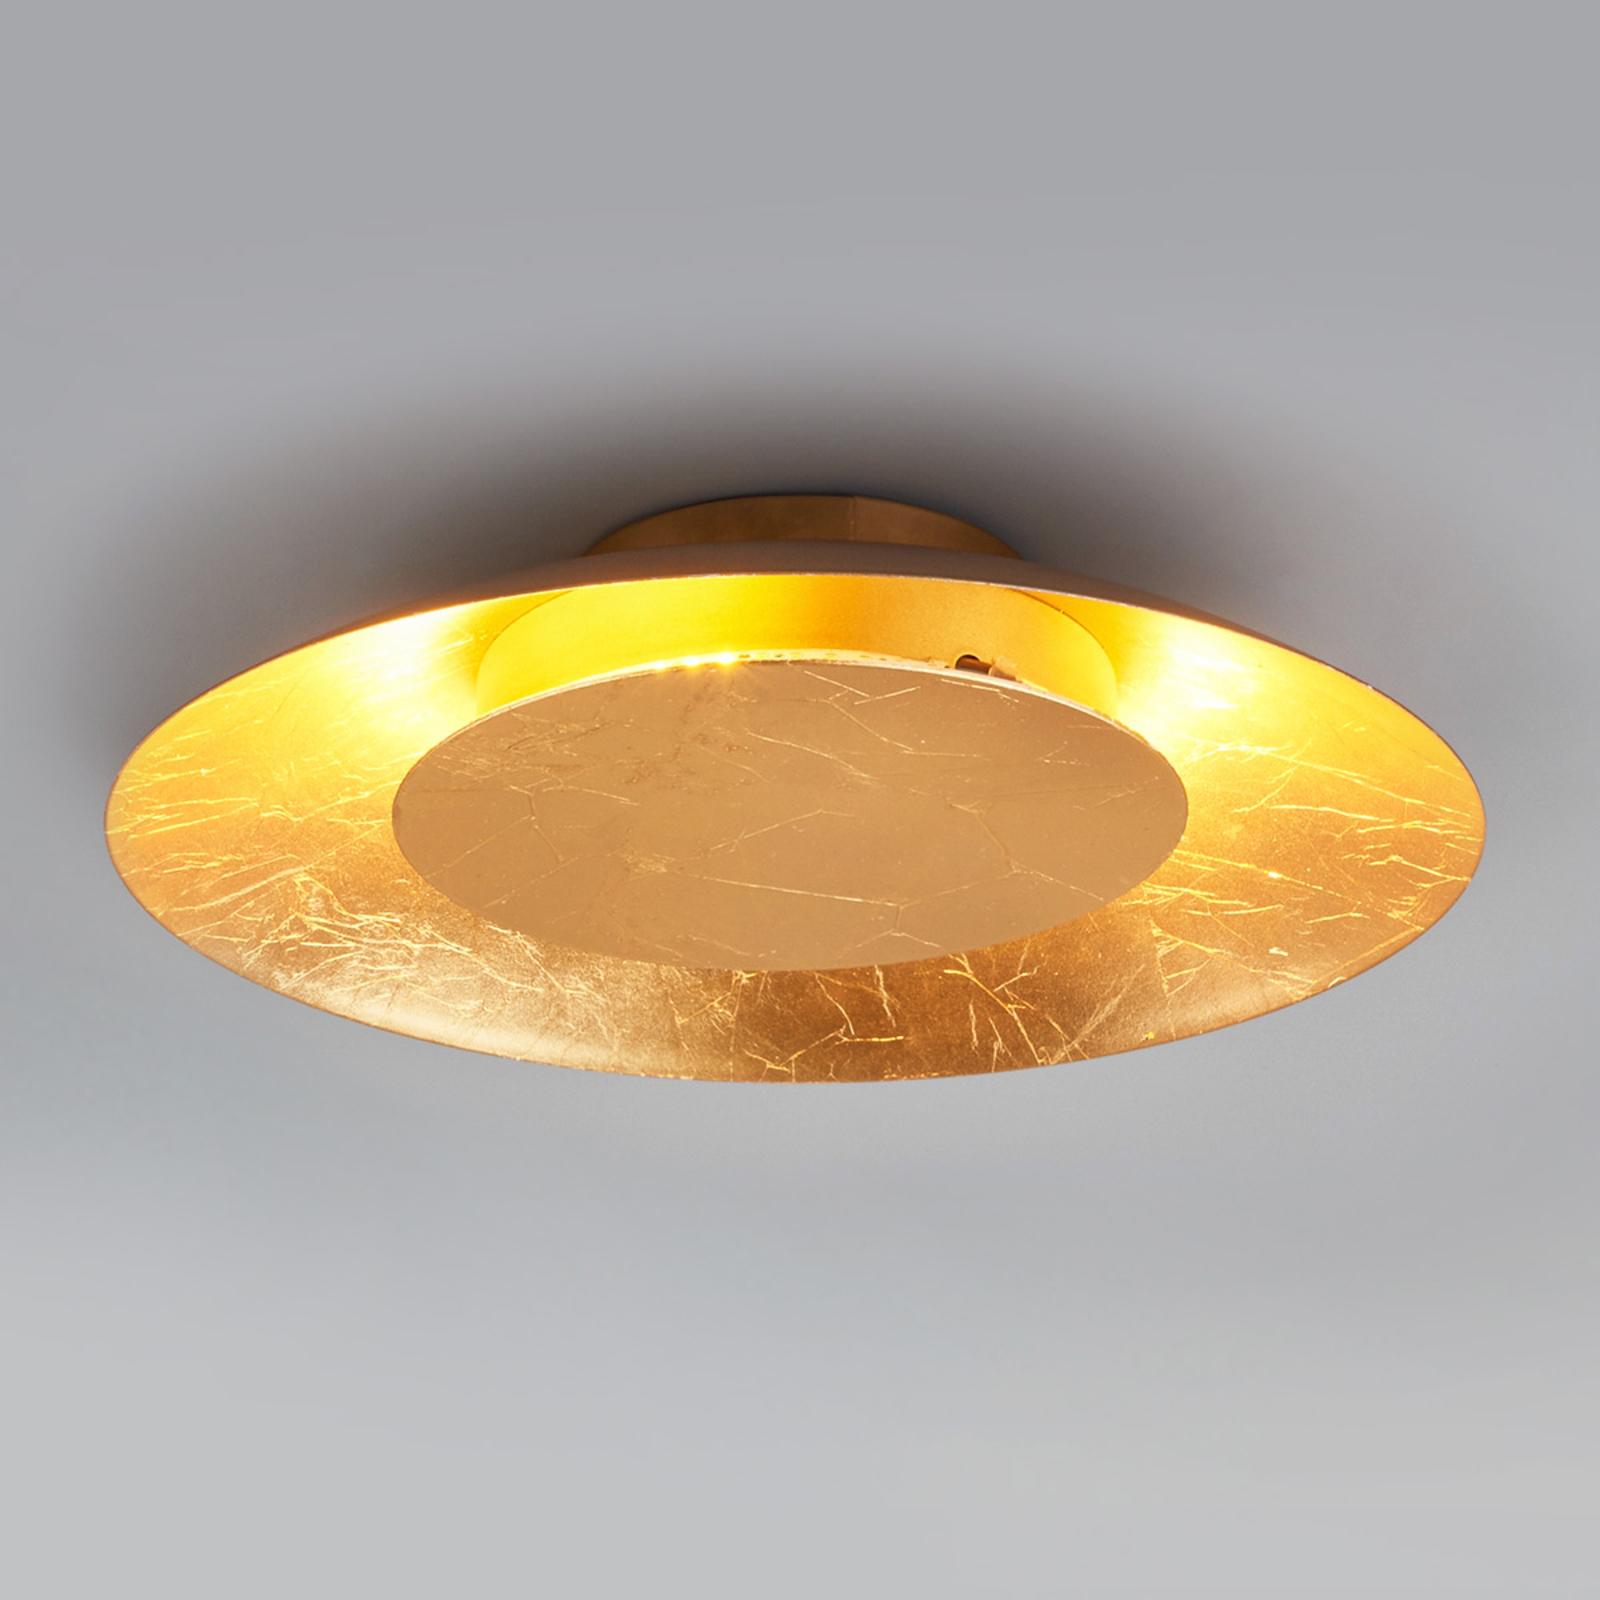 Lampa sufitowa LED Keti złoty wygląd, Ø 34,5 cm